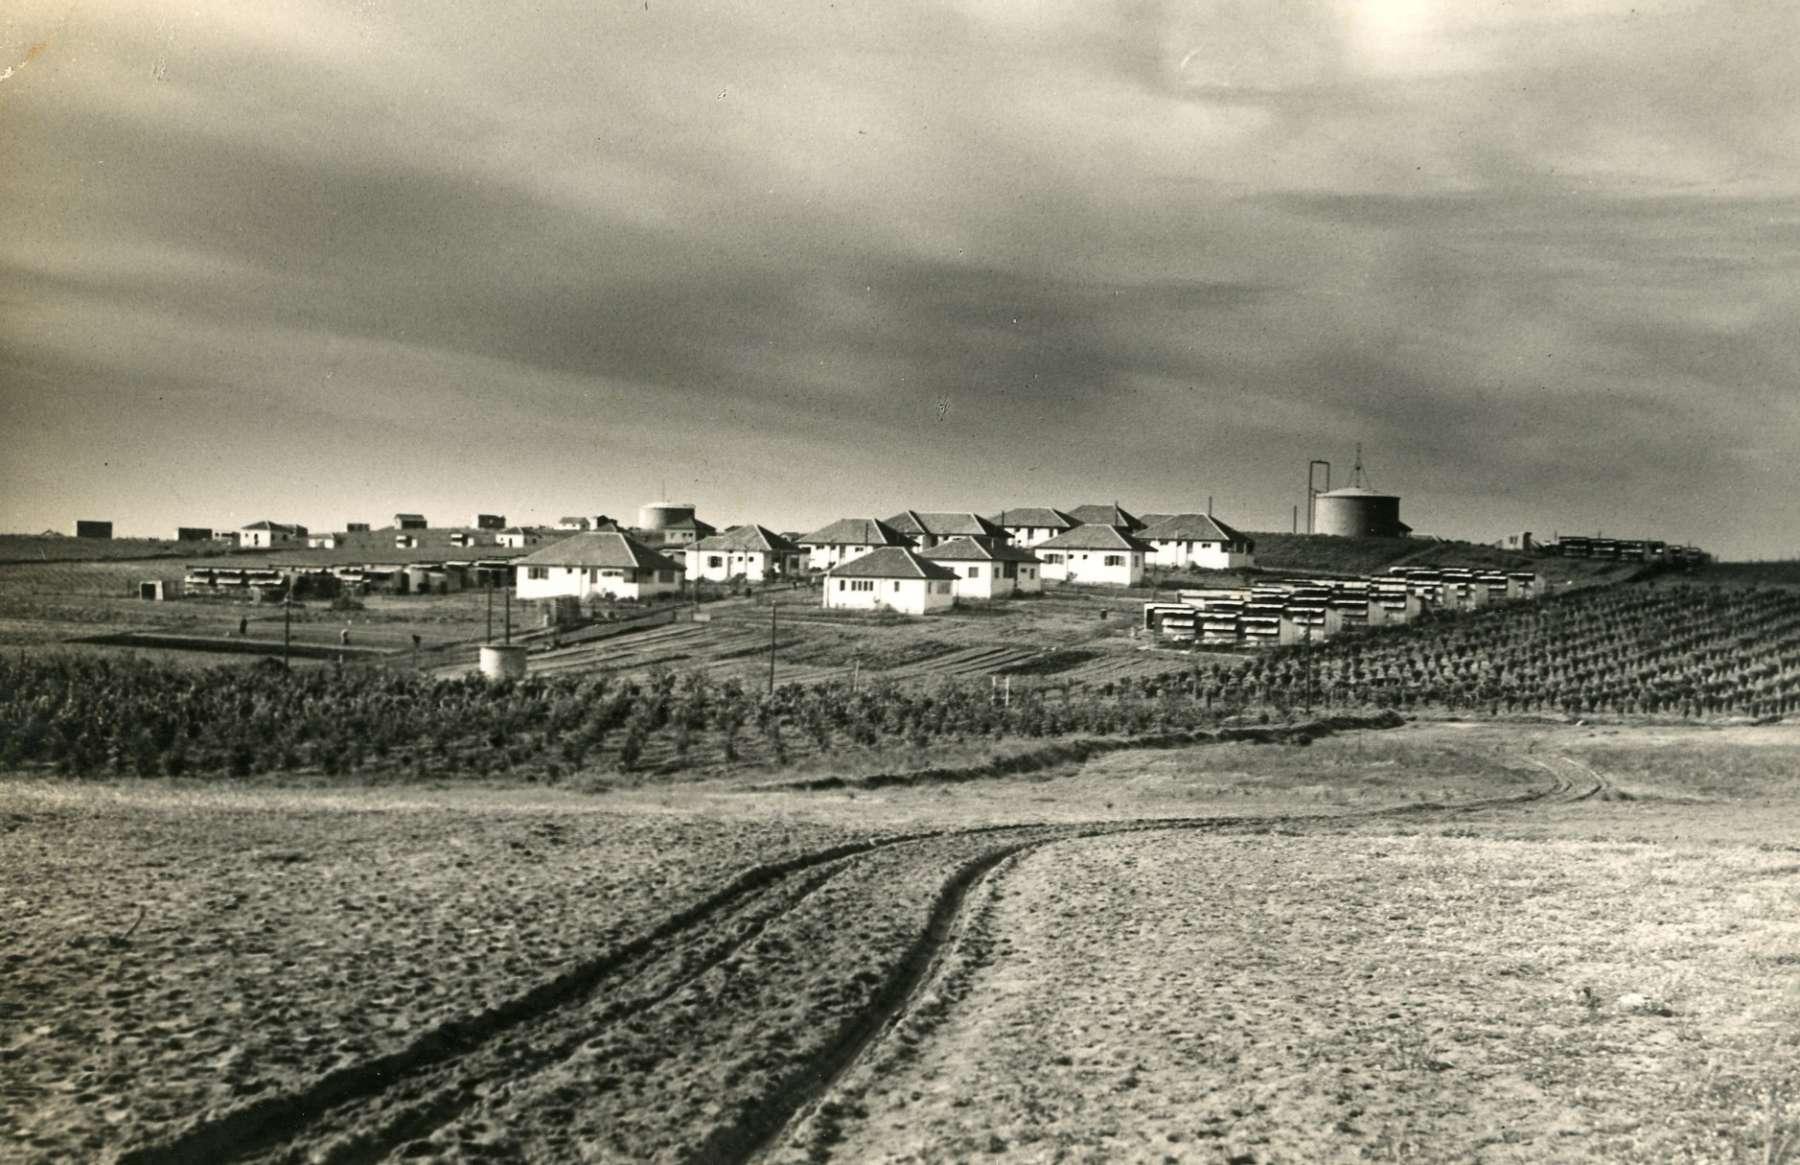 מבט אל רחוב הכרם שנות השלושים_זולטן קלוגר_1006